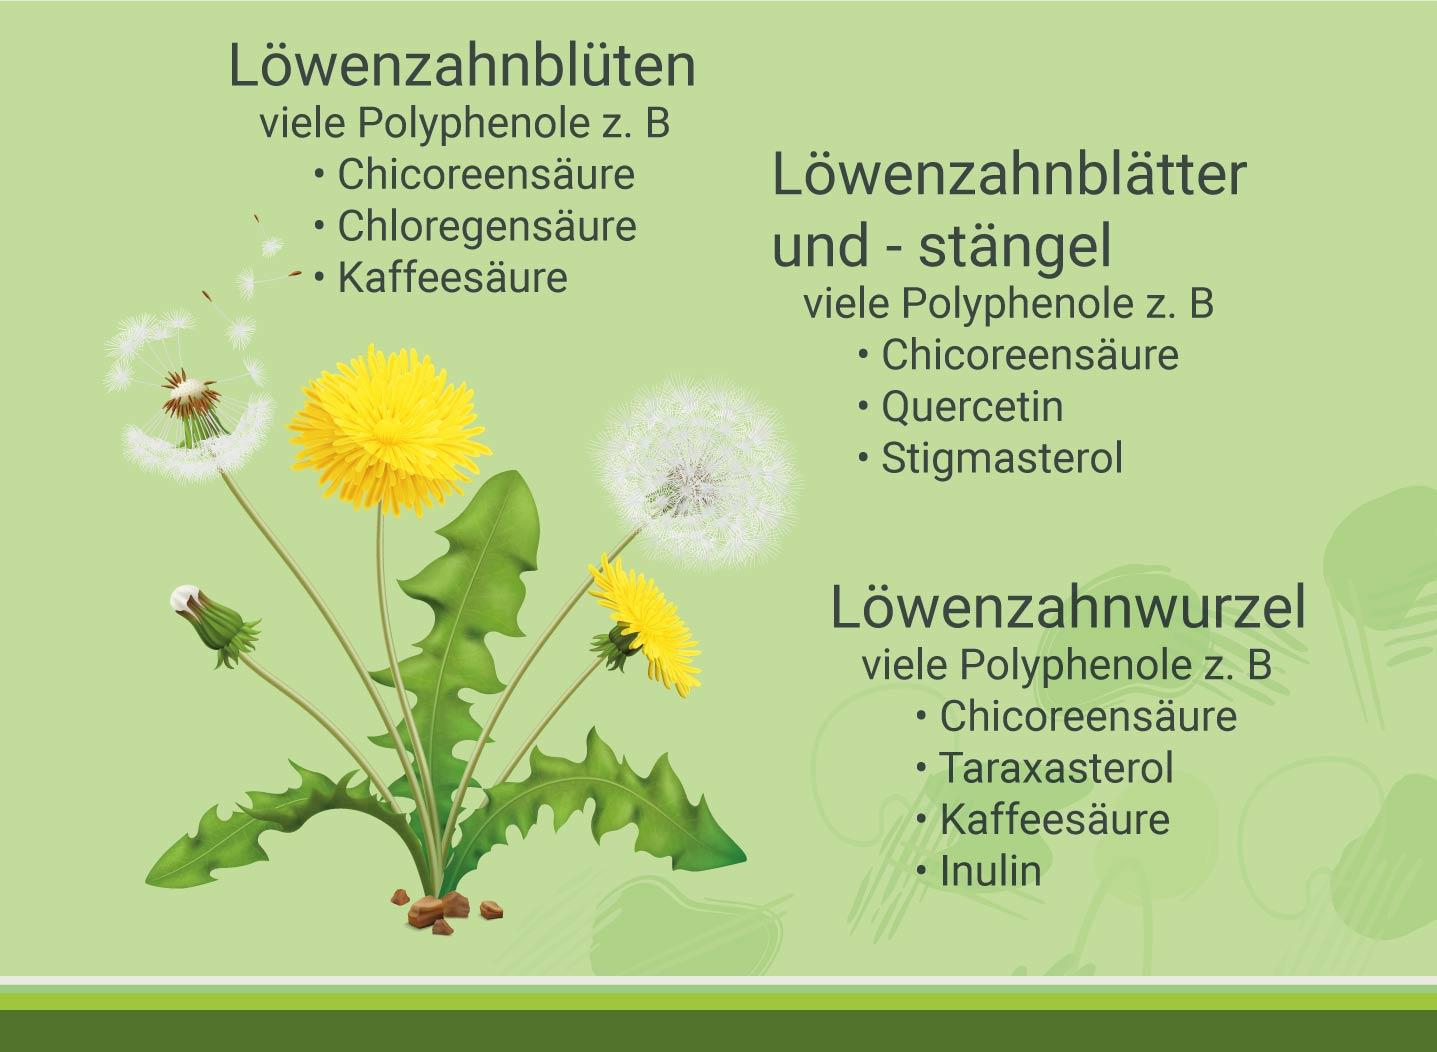 Infografik-loewenzahn-und-darm-wirkstoffe-in-der-wildpflanze